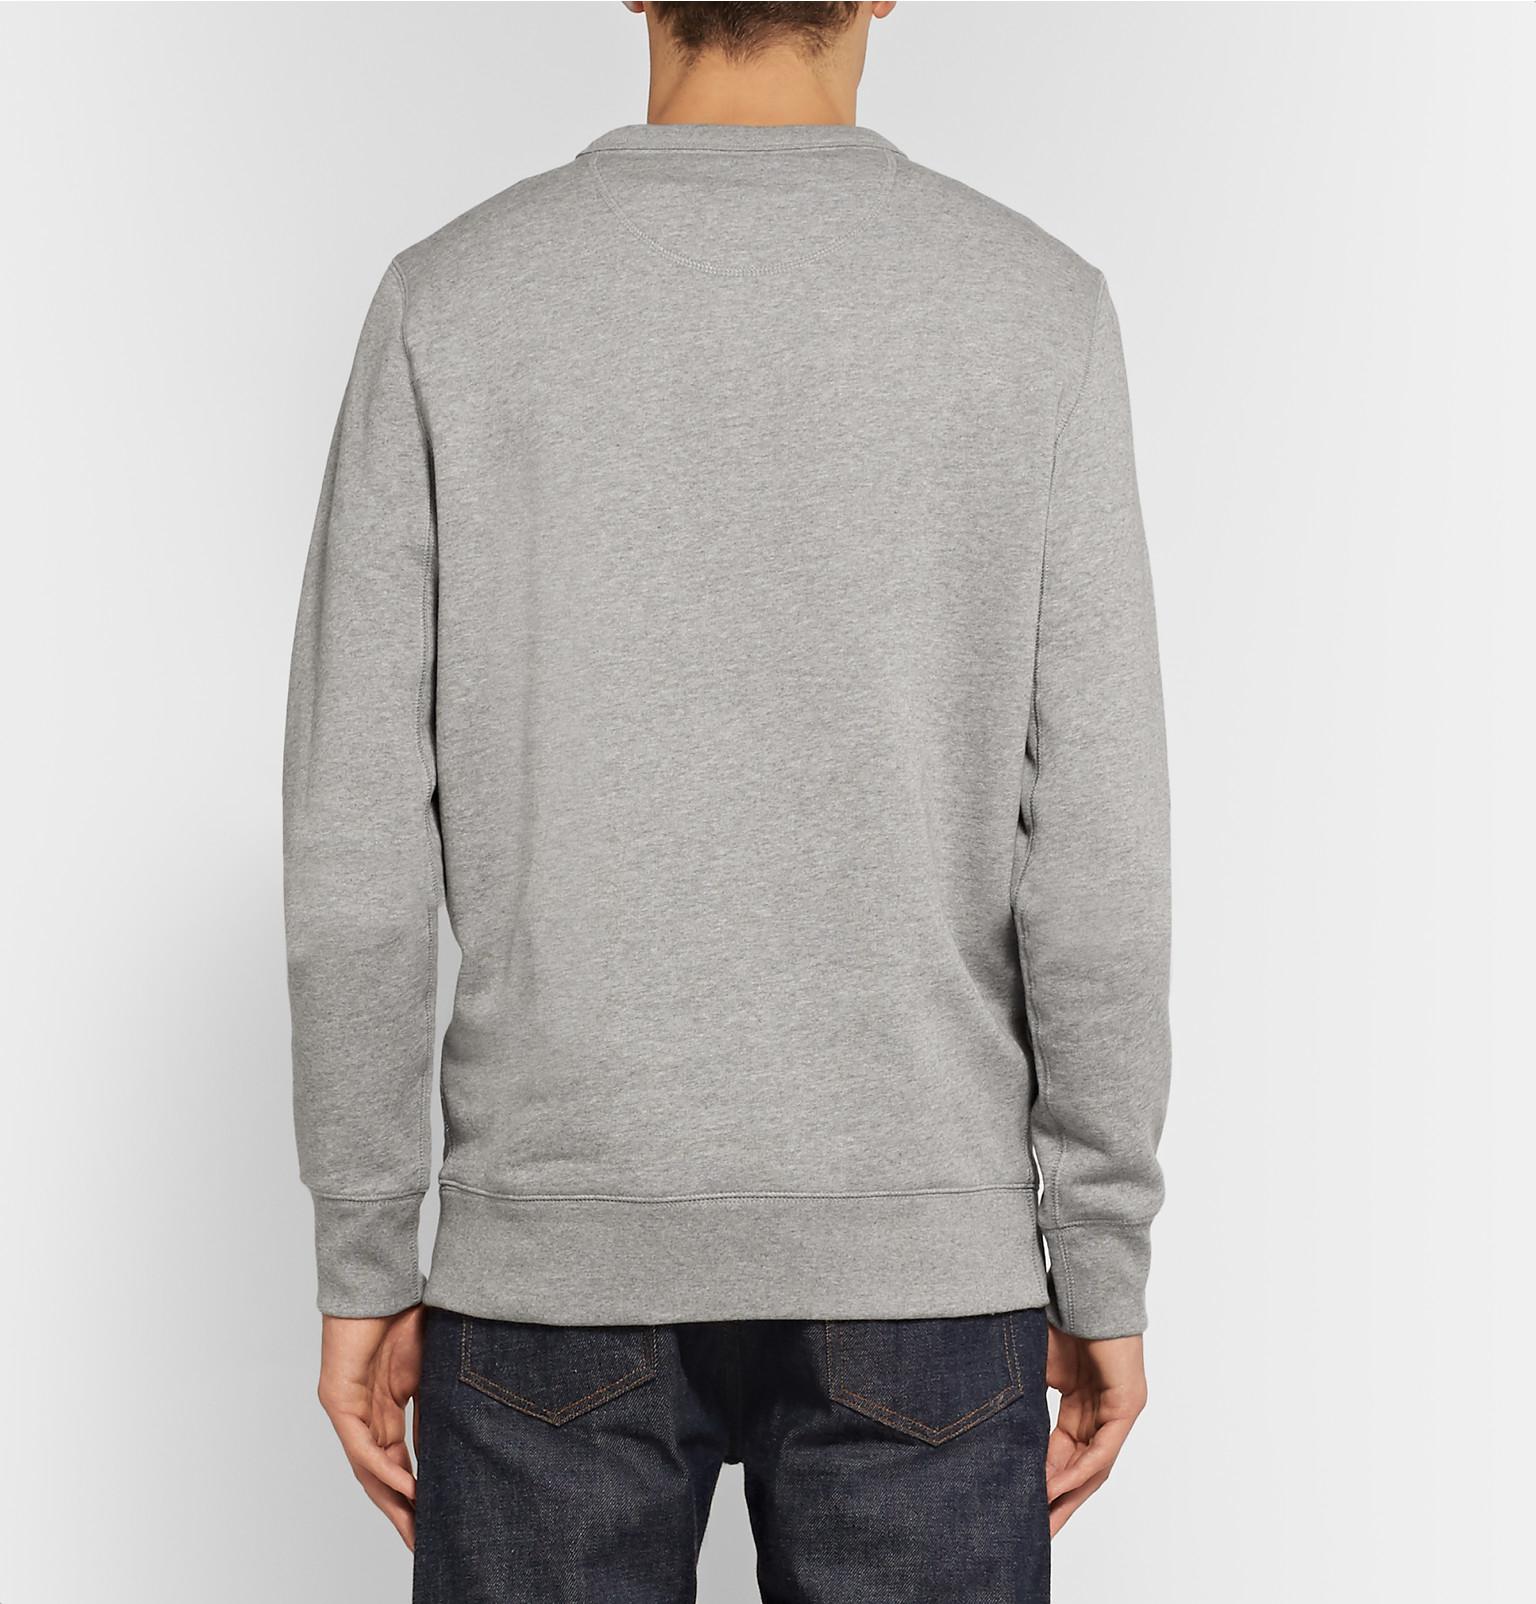 9d24396fadd4 Burberry Embroidered Cotton Blend Jersey Sweatshirt